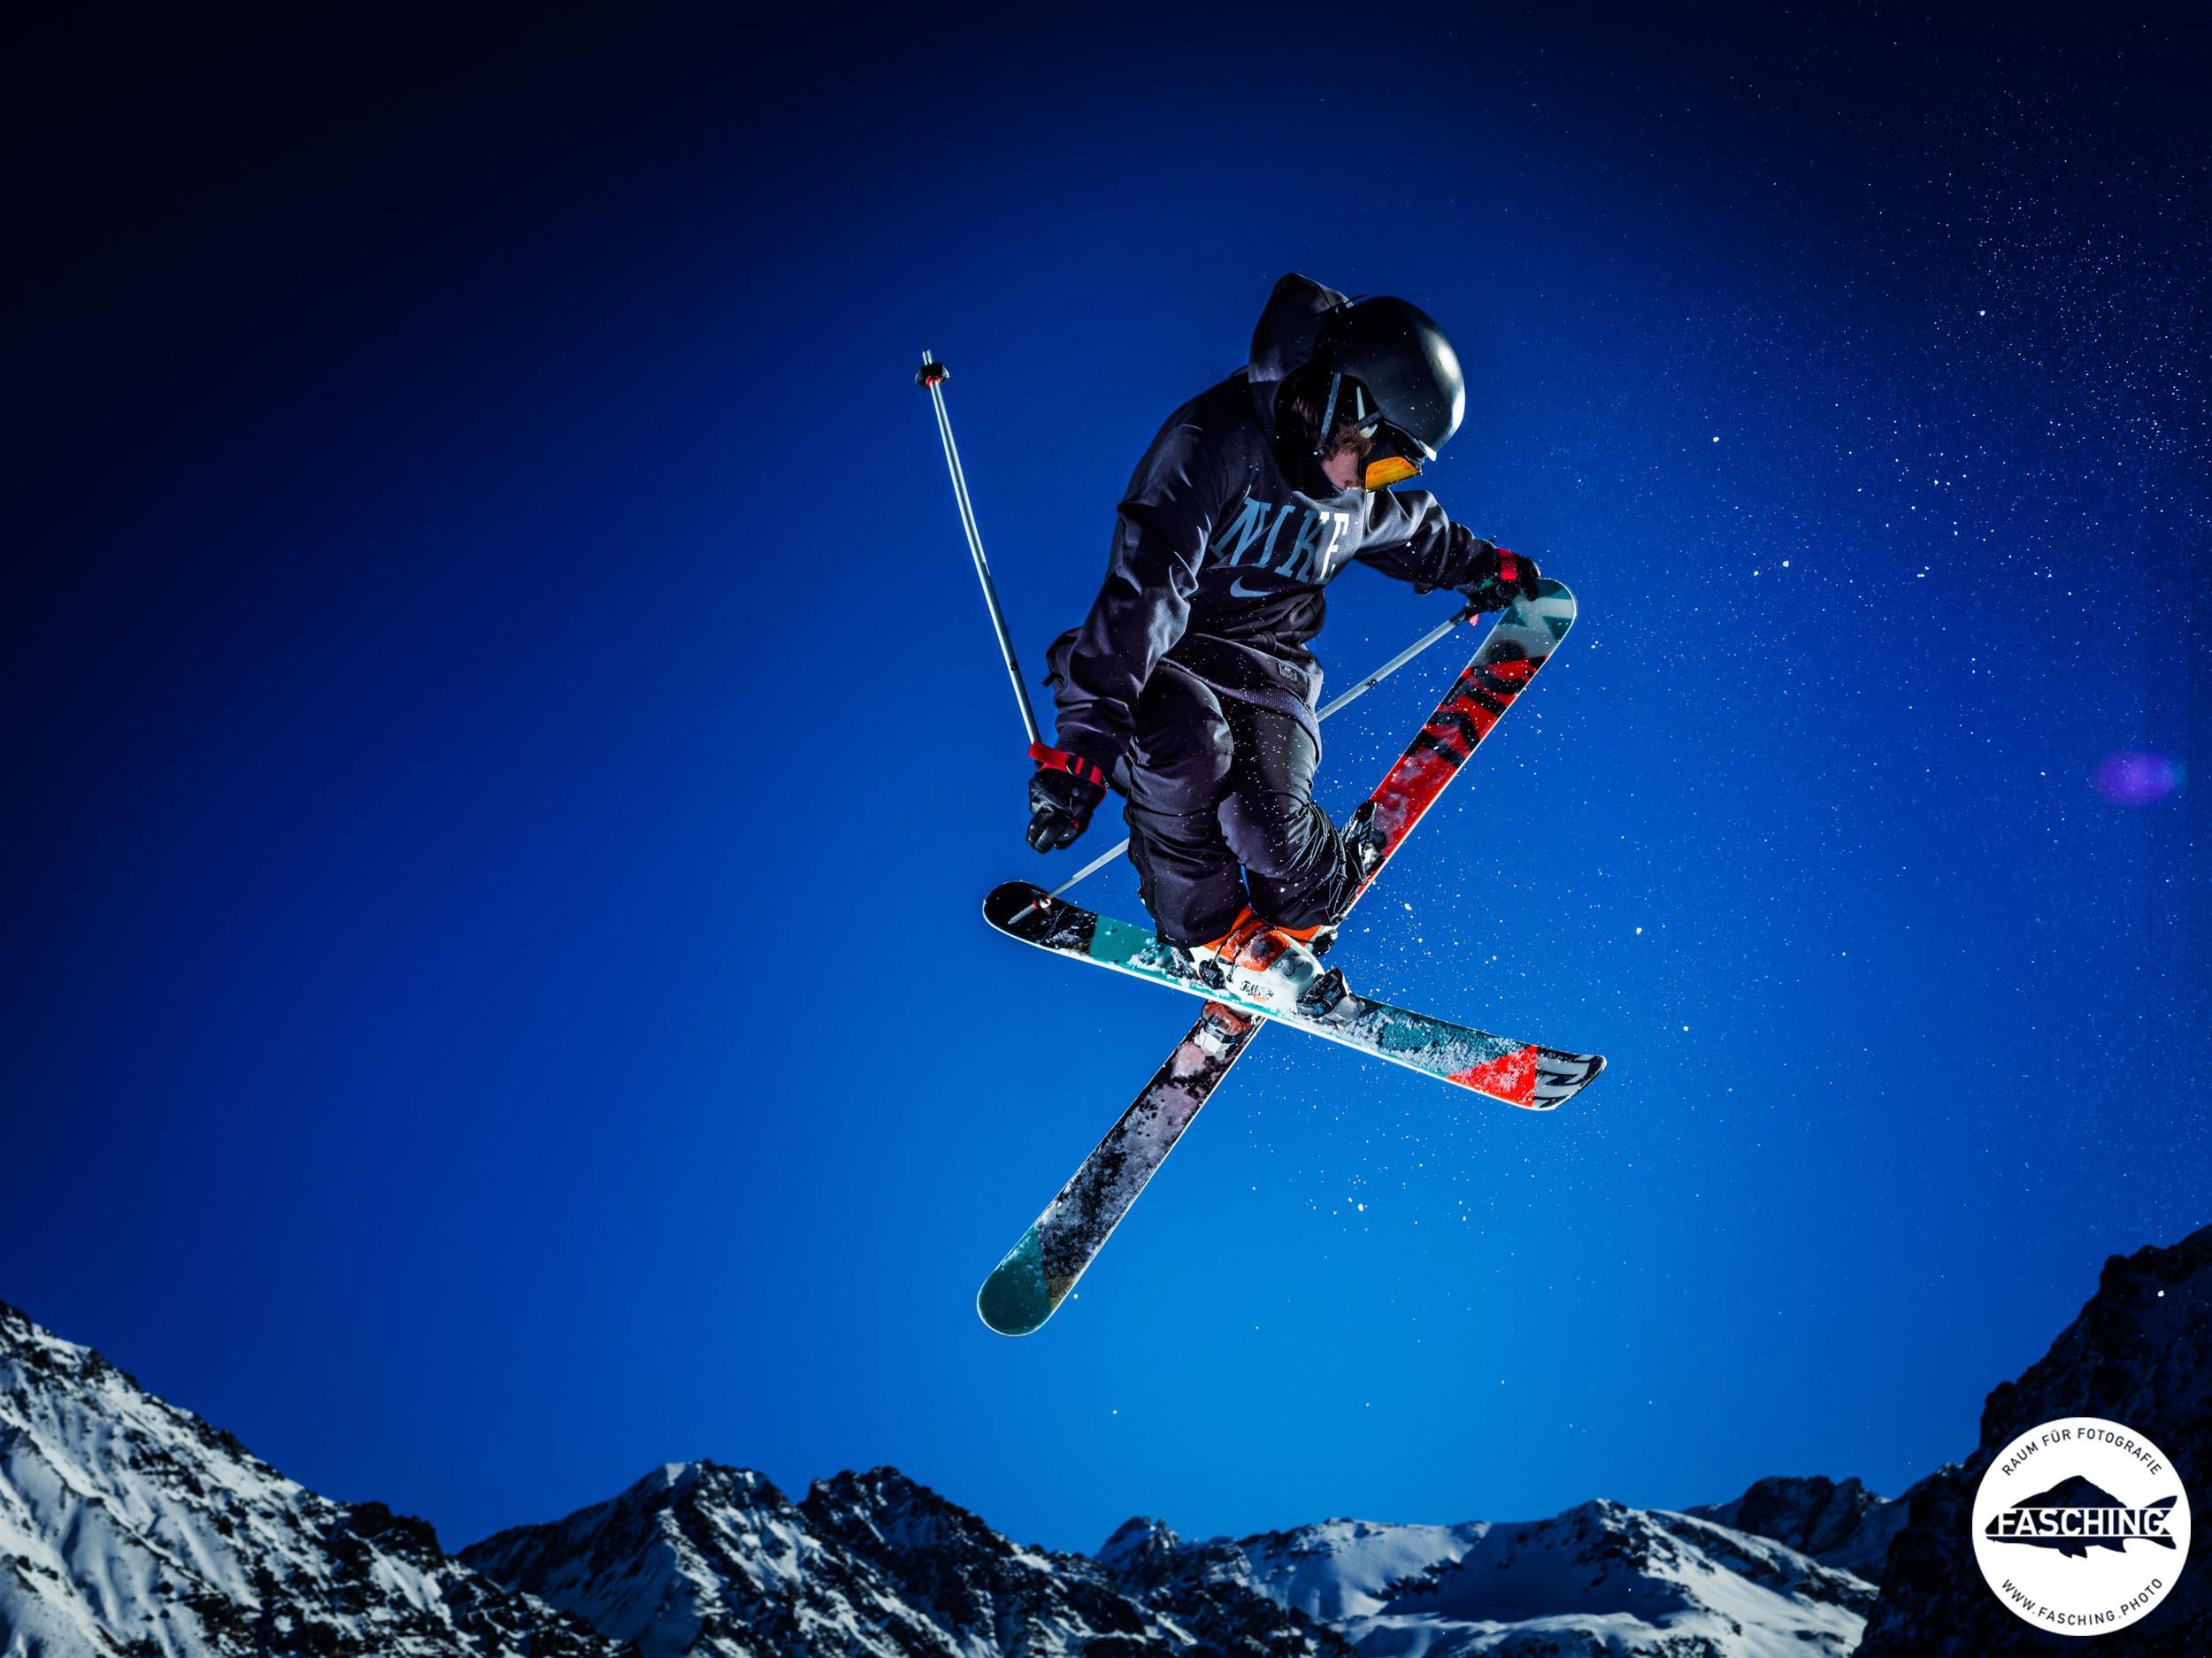 Sportfotograf Luca Fasching schoss diese Aufnahmen der Freestyleskifahrer